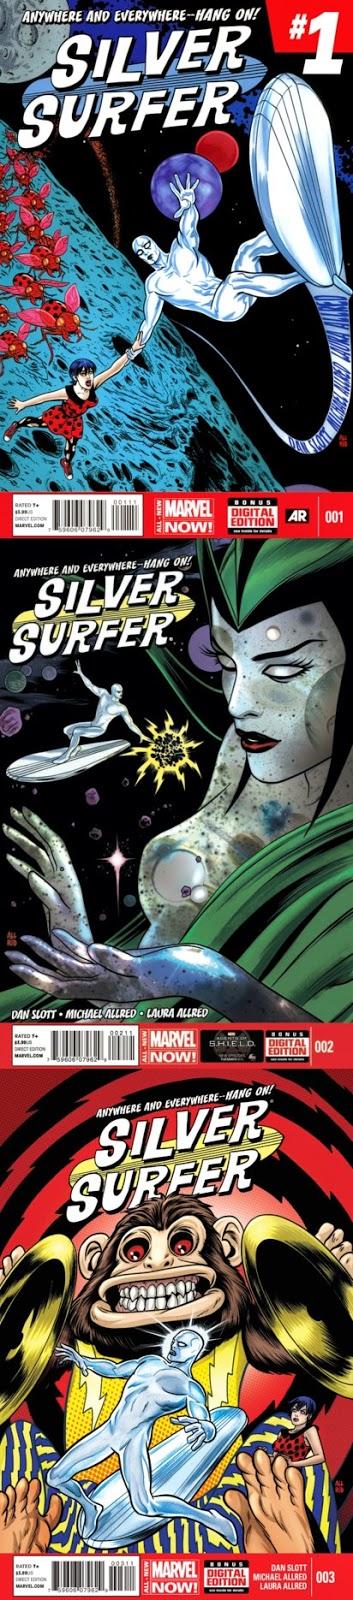 Silver Surfer # 1, 2 3 - Dan Slott Mike Allred